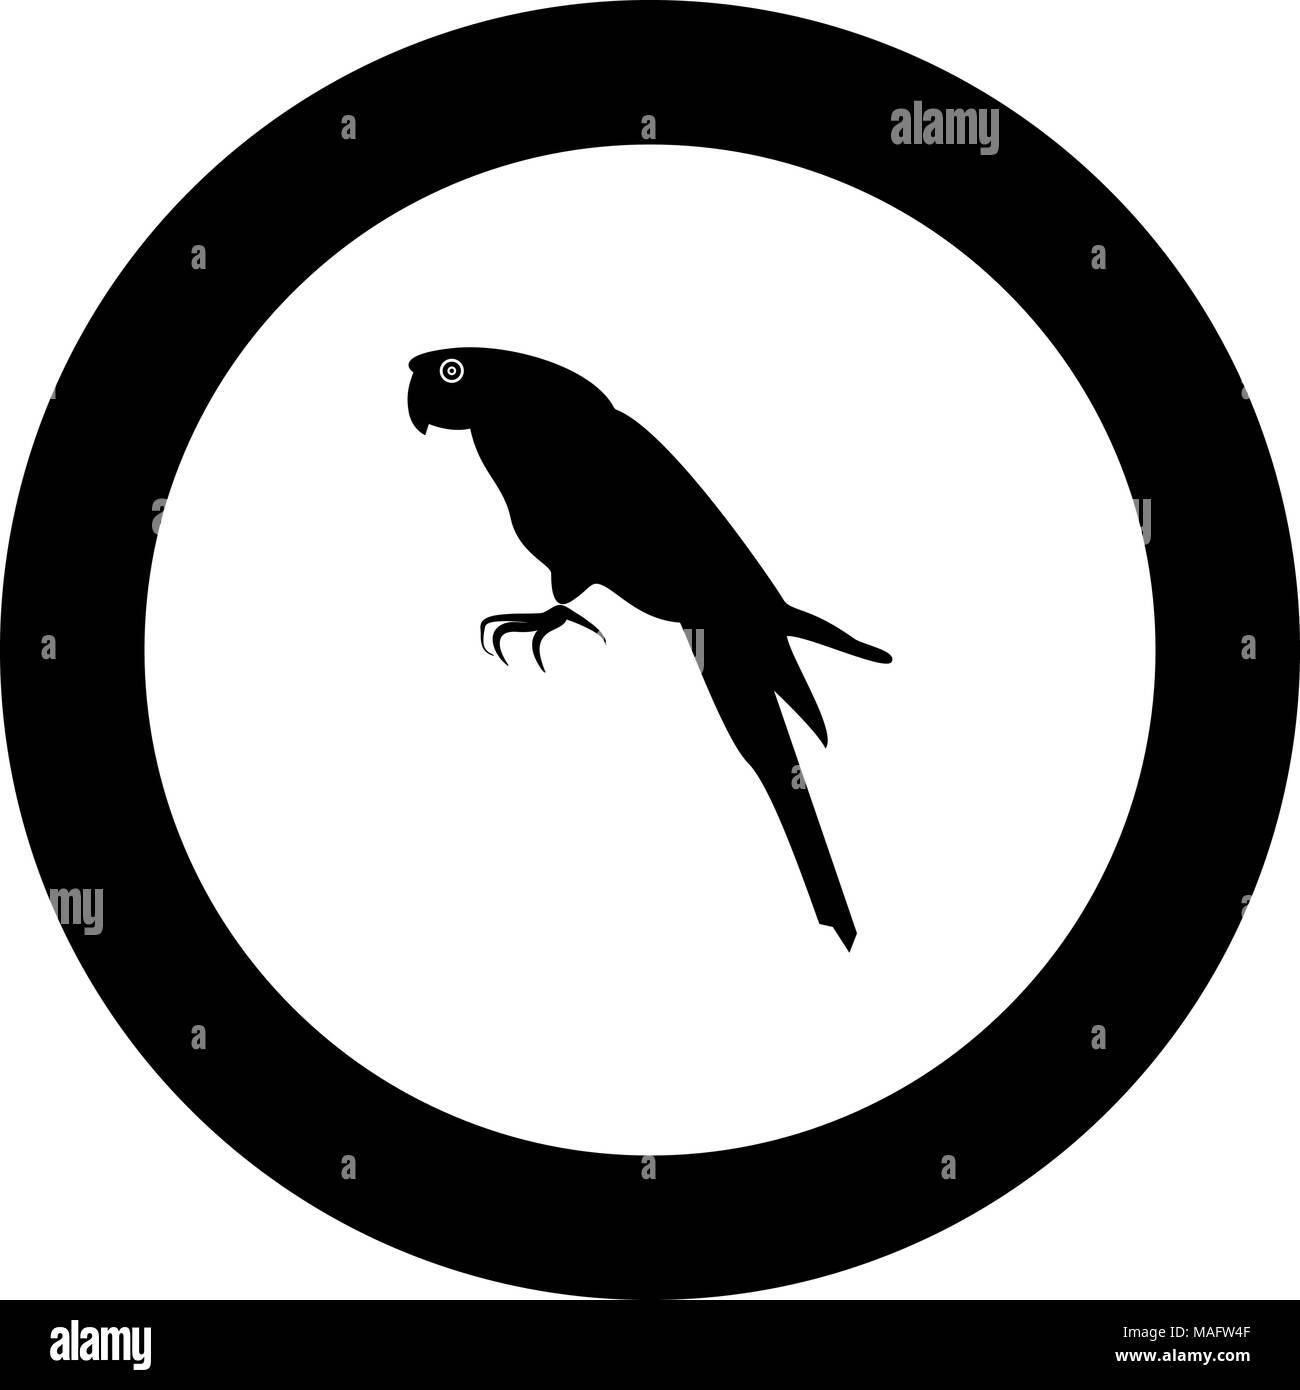 Macaw Cartoon Stockfotos & Macaw Cartoon Bilder - Seite 3 - Alamy